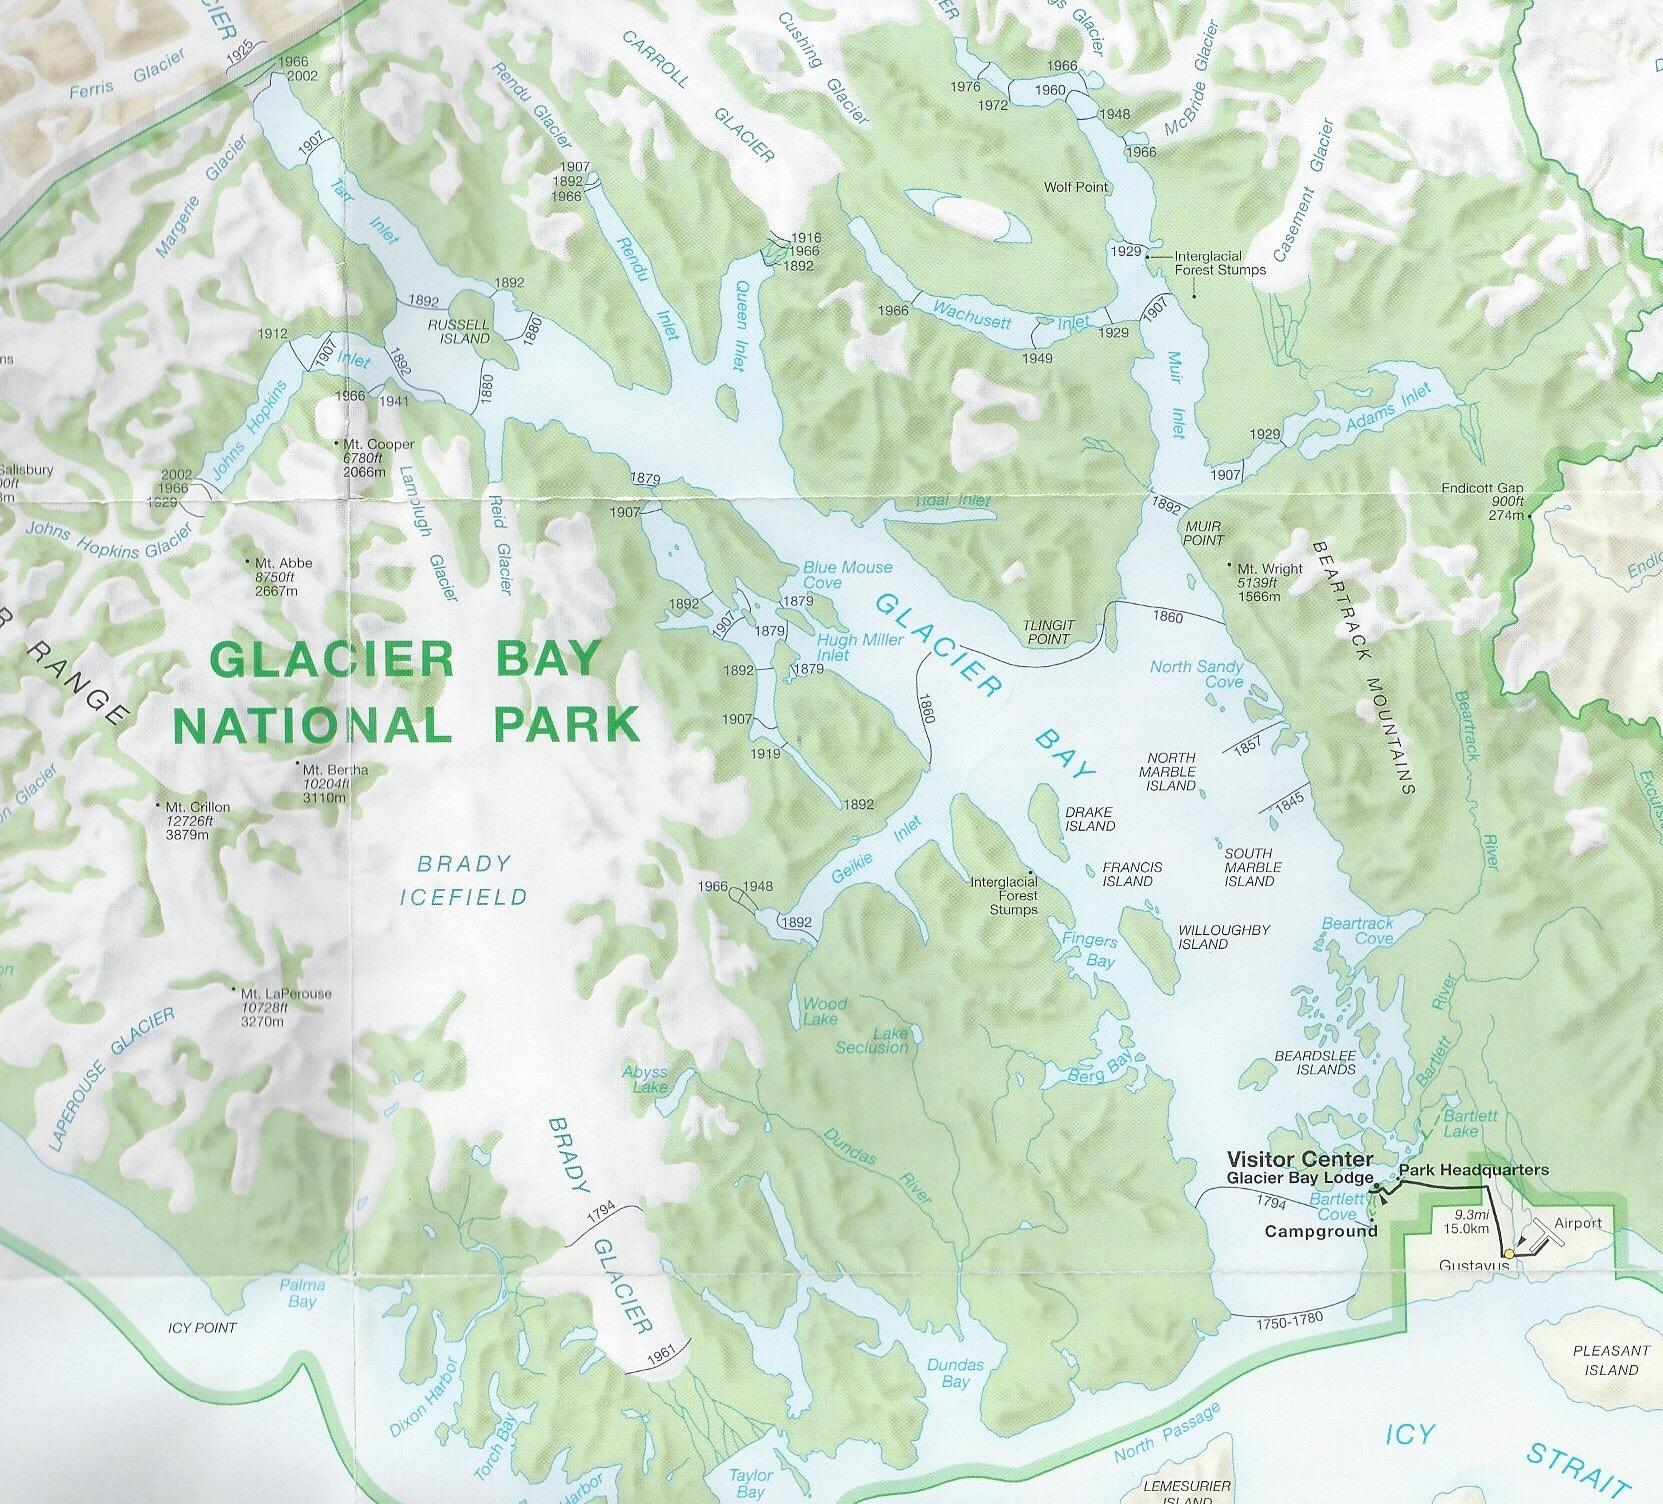 Map of Glacier Bay National Park